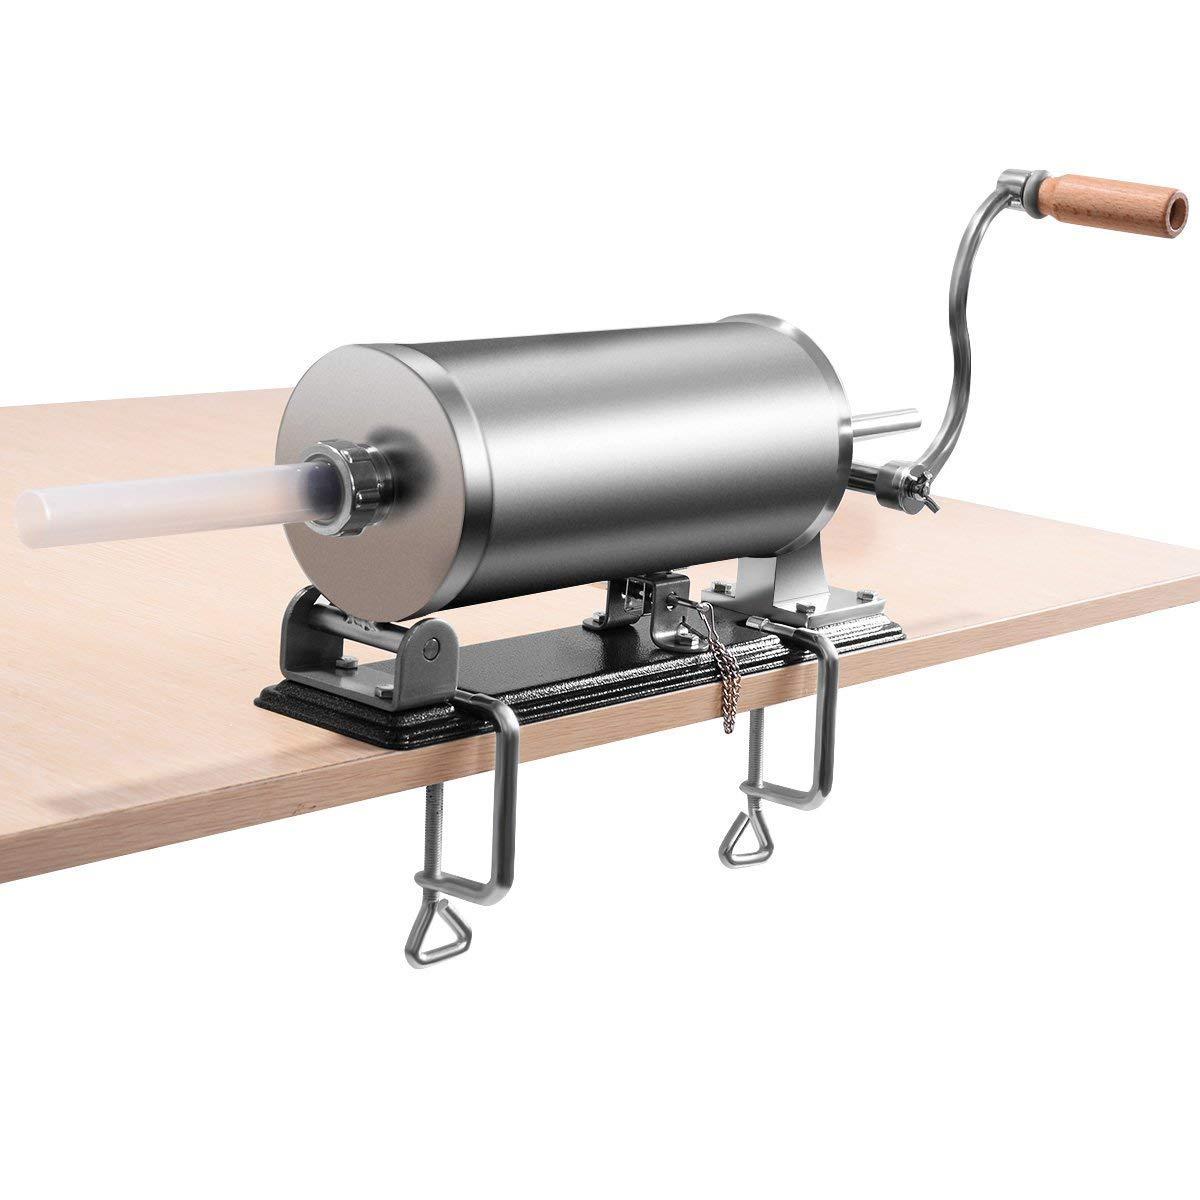 COSTWAY 3,6L macchina per la produzione di salsicce in acciaio inossidabile, insaccatrice manuale, in acciaio inossidabile, salsicce siringa con 4 tubi di riempimento